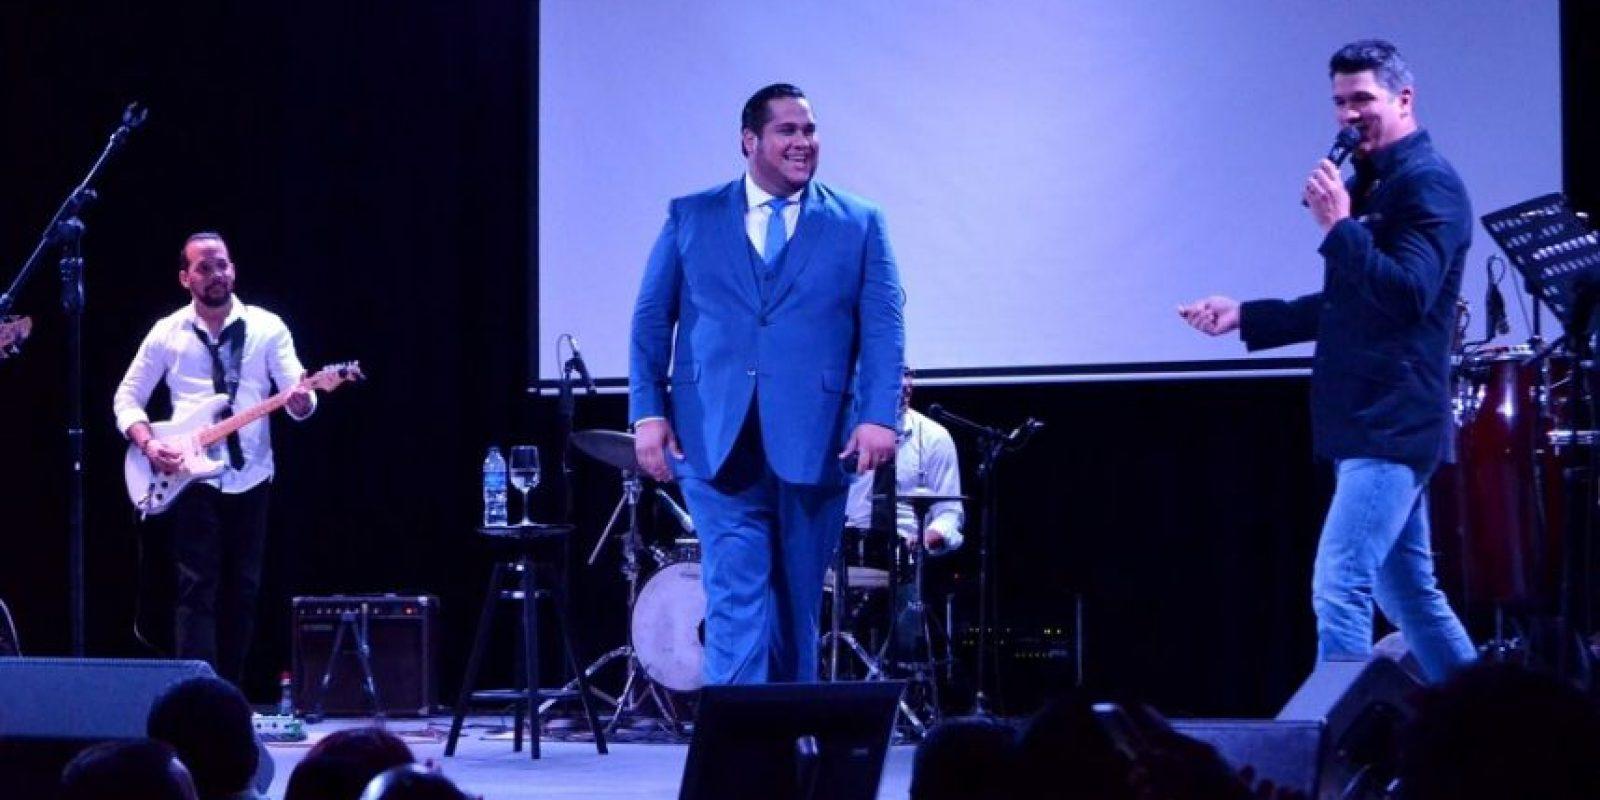 Juan Carlos Pichardo y Eddy Herrera, ovacionados por el público. Foto:ELVYS JOE